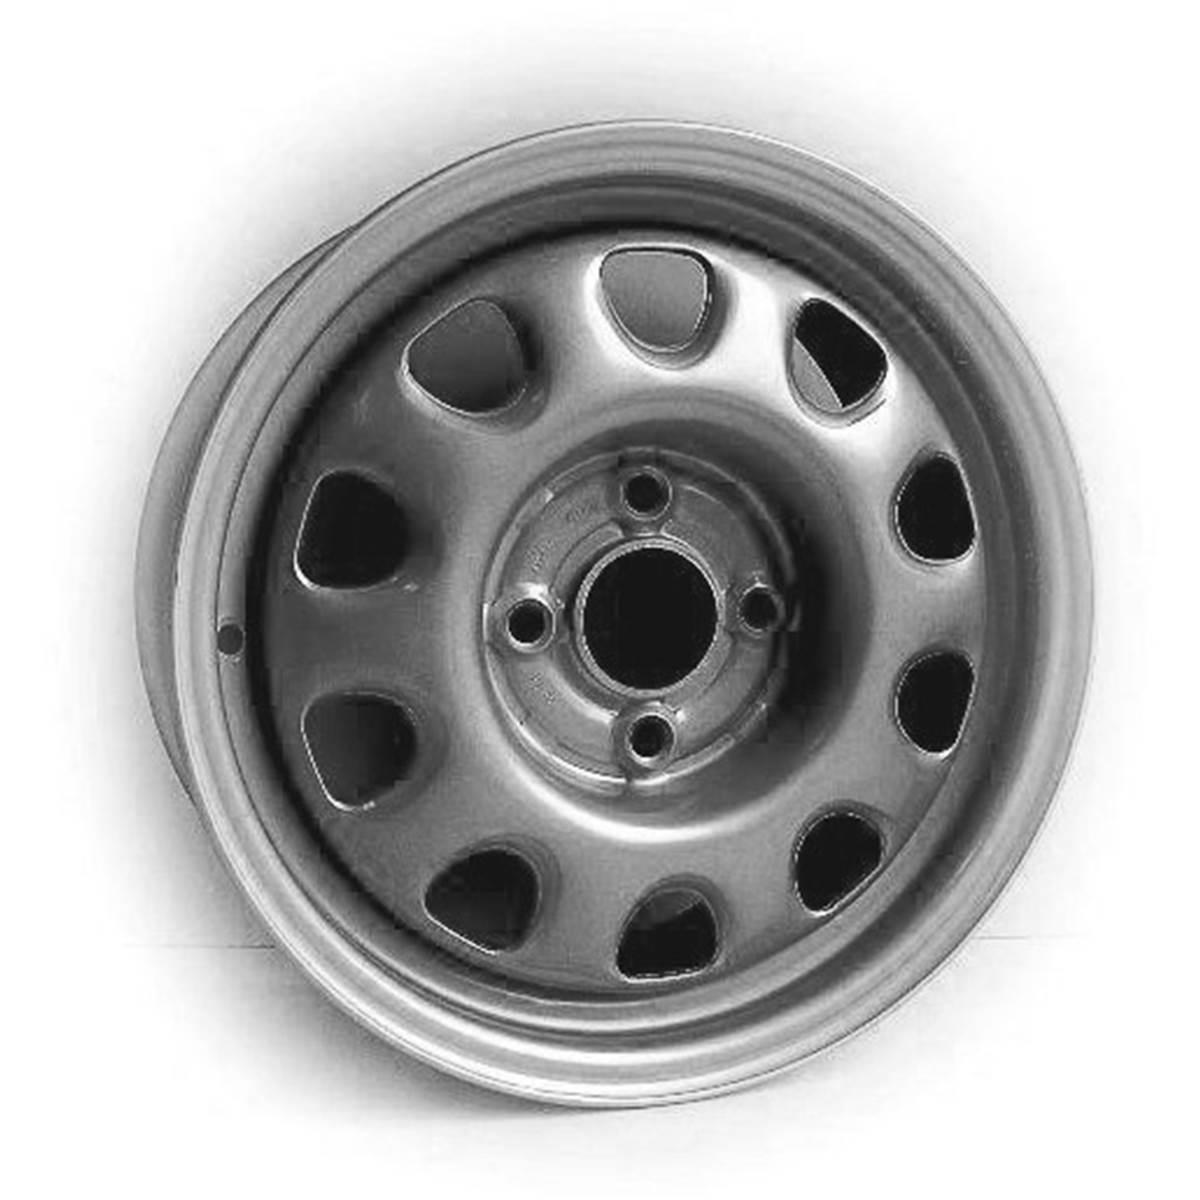 Jante tôle Magnetto wheels 6,5 x 16 5 x 114,3 entraxe 36